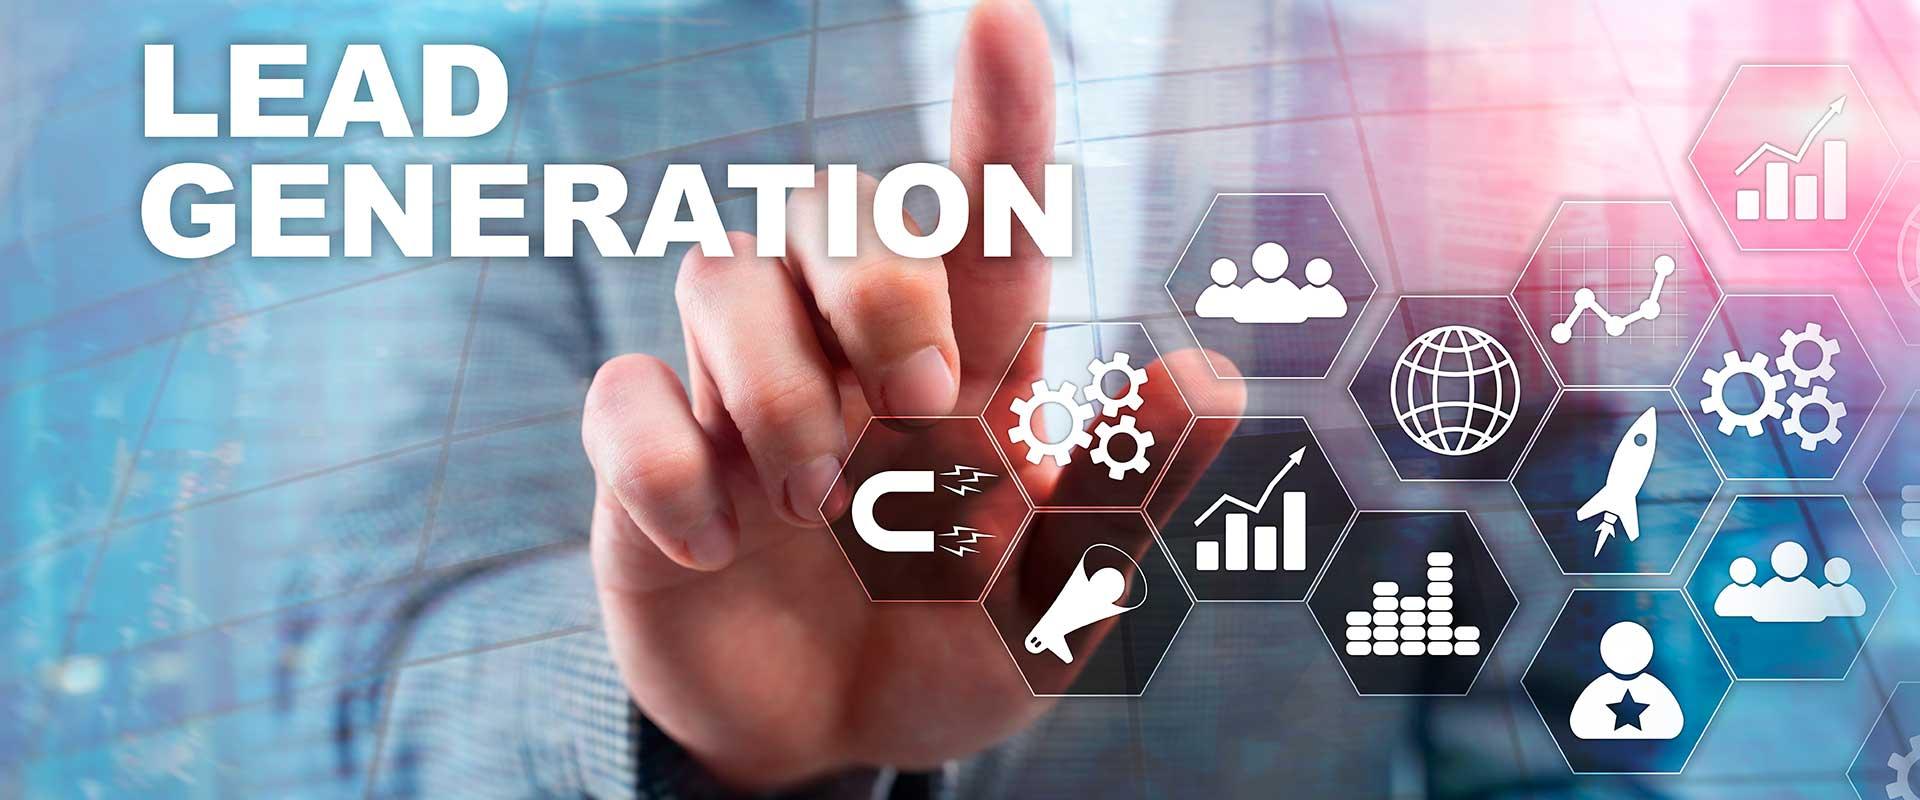 Qué es Lead Management y cómo aplicarlo dentro de su empresa